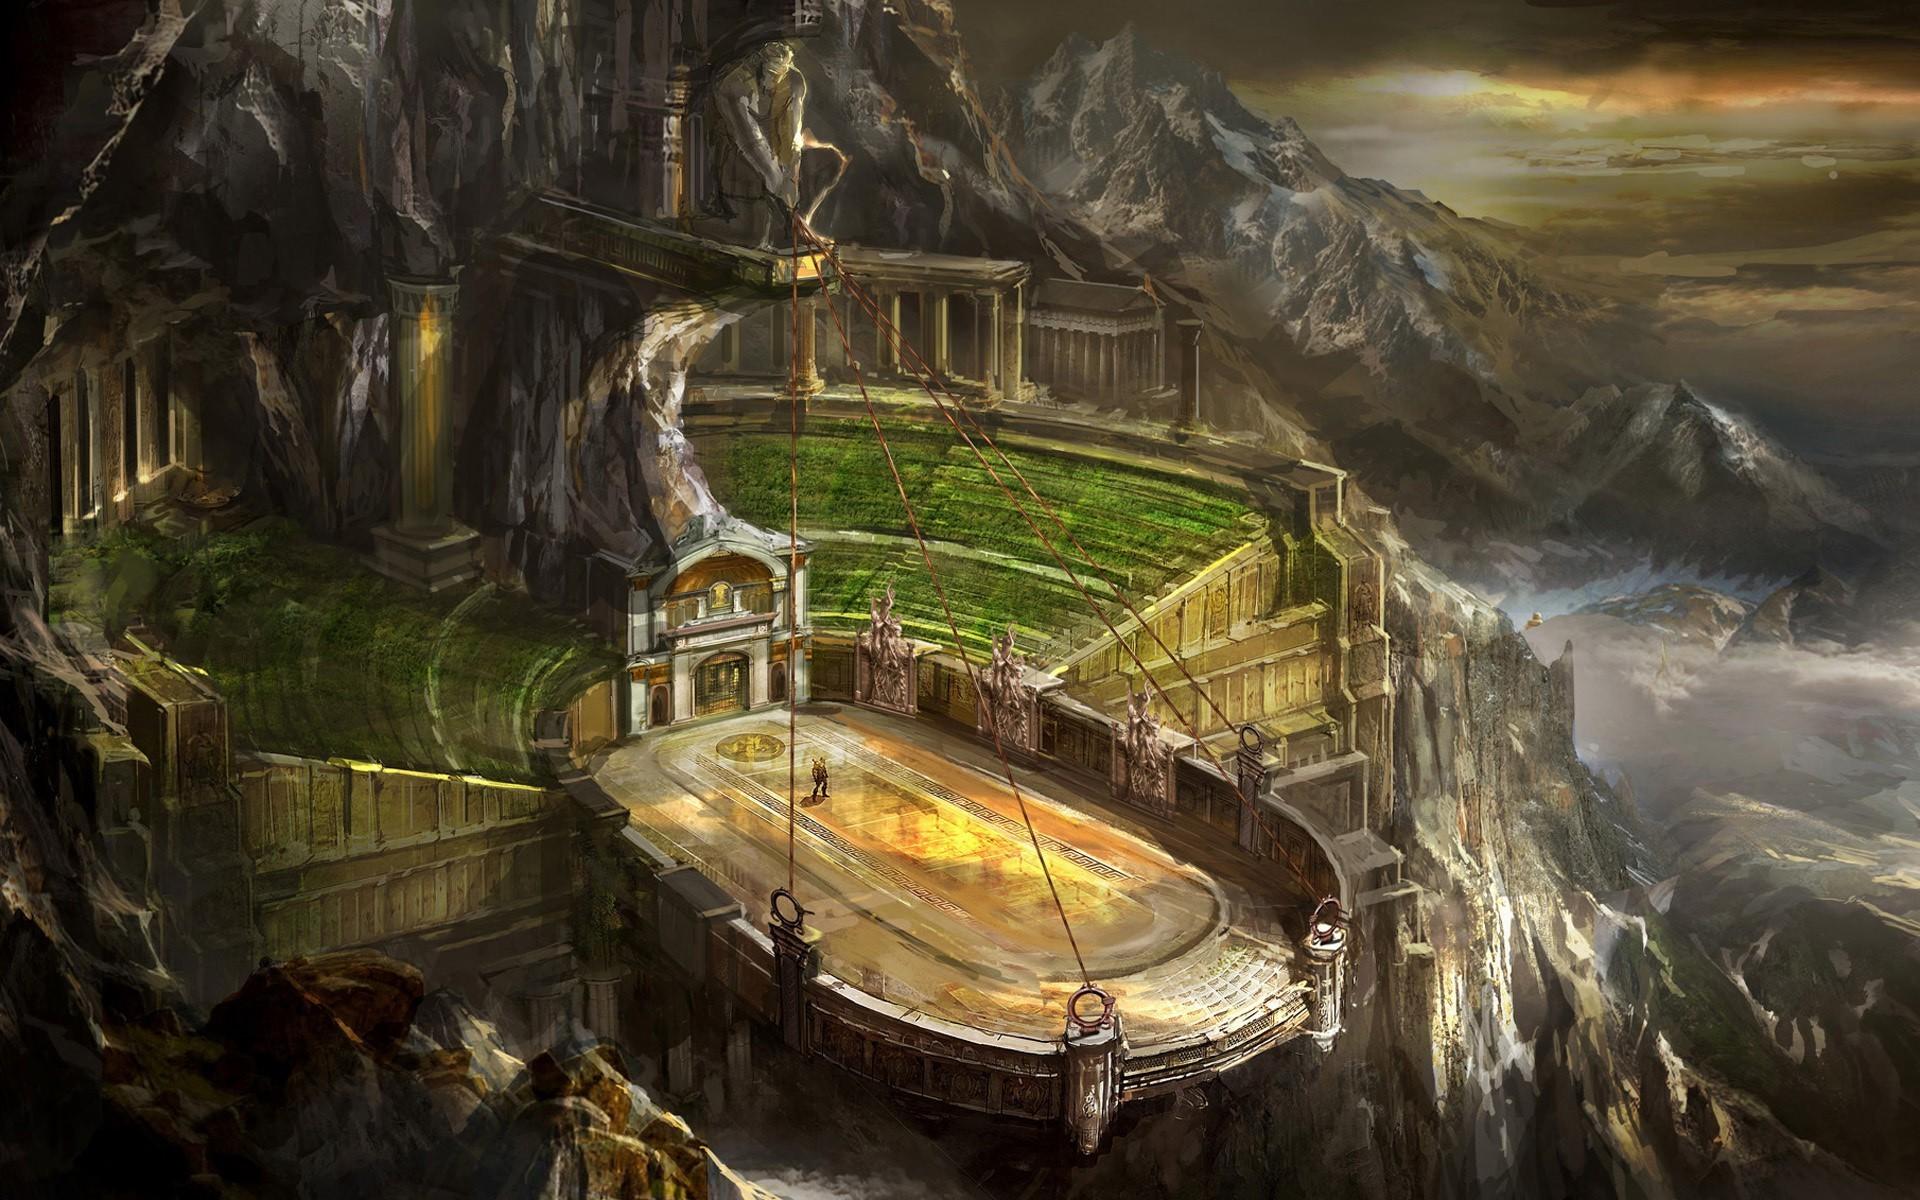 digital Art, Fantasy Art, God Of War, Video Games, Stadium, Mountain.  League Of Legends, Summoners Rift Wallpaper HD